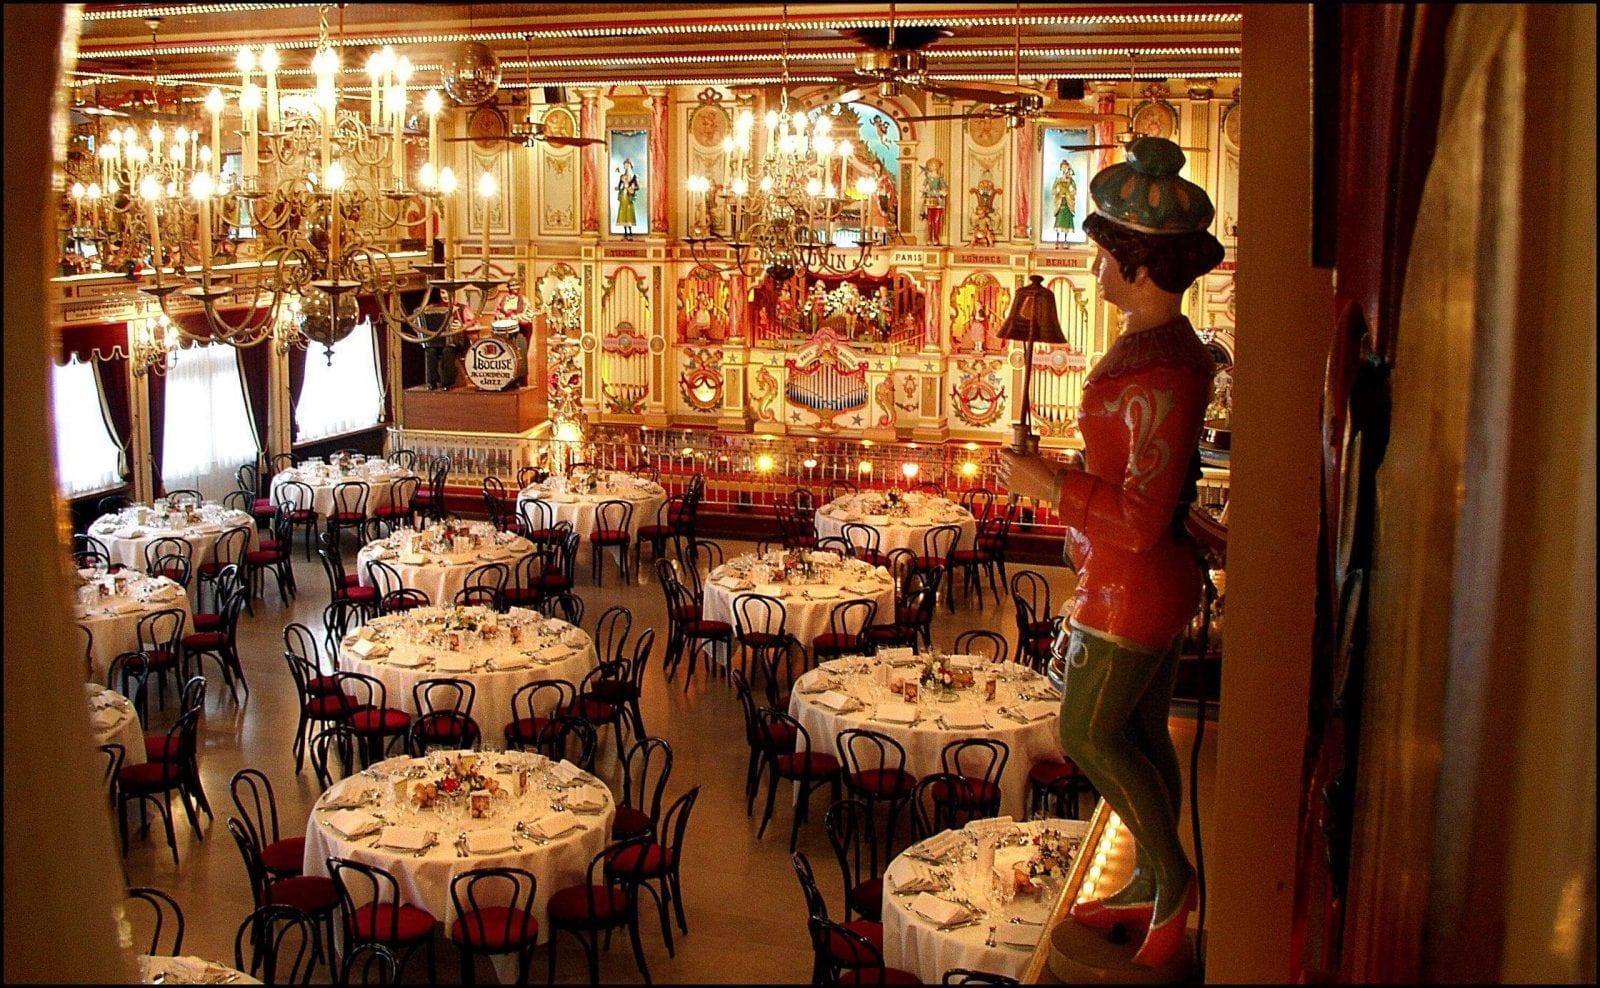 3.Paul Bocuse Lyon - Top 10 restaurante cu stele Michelin din Europa